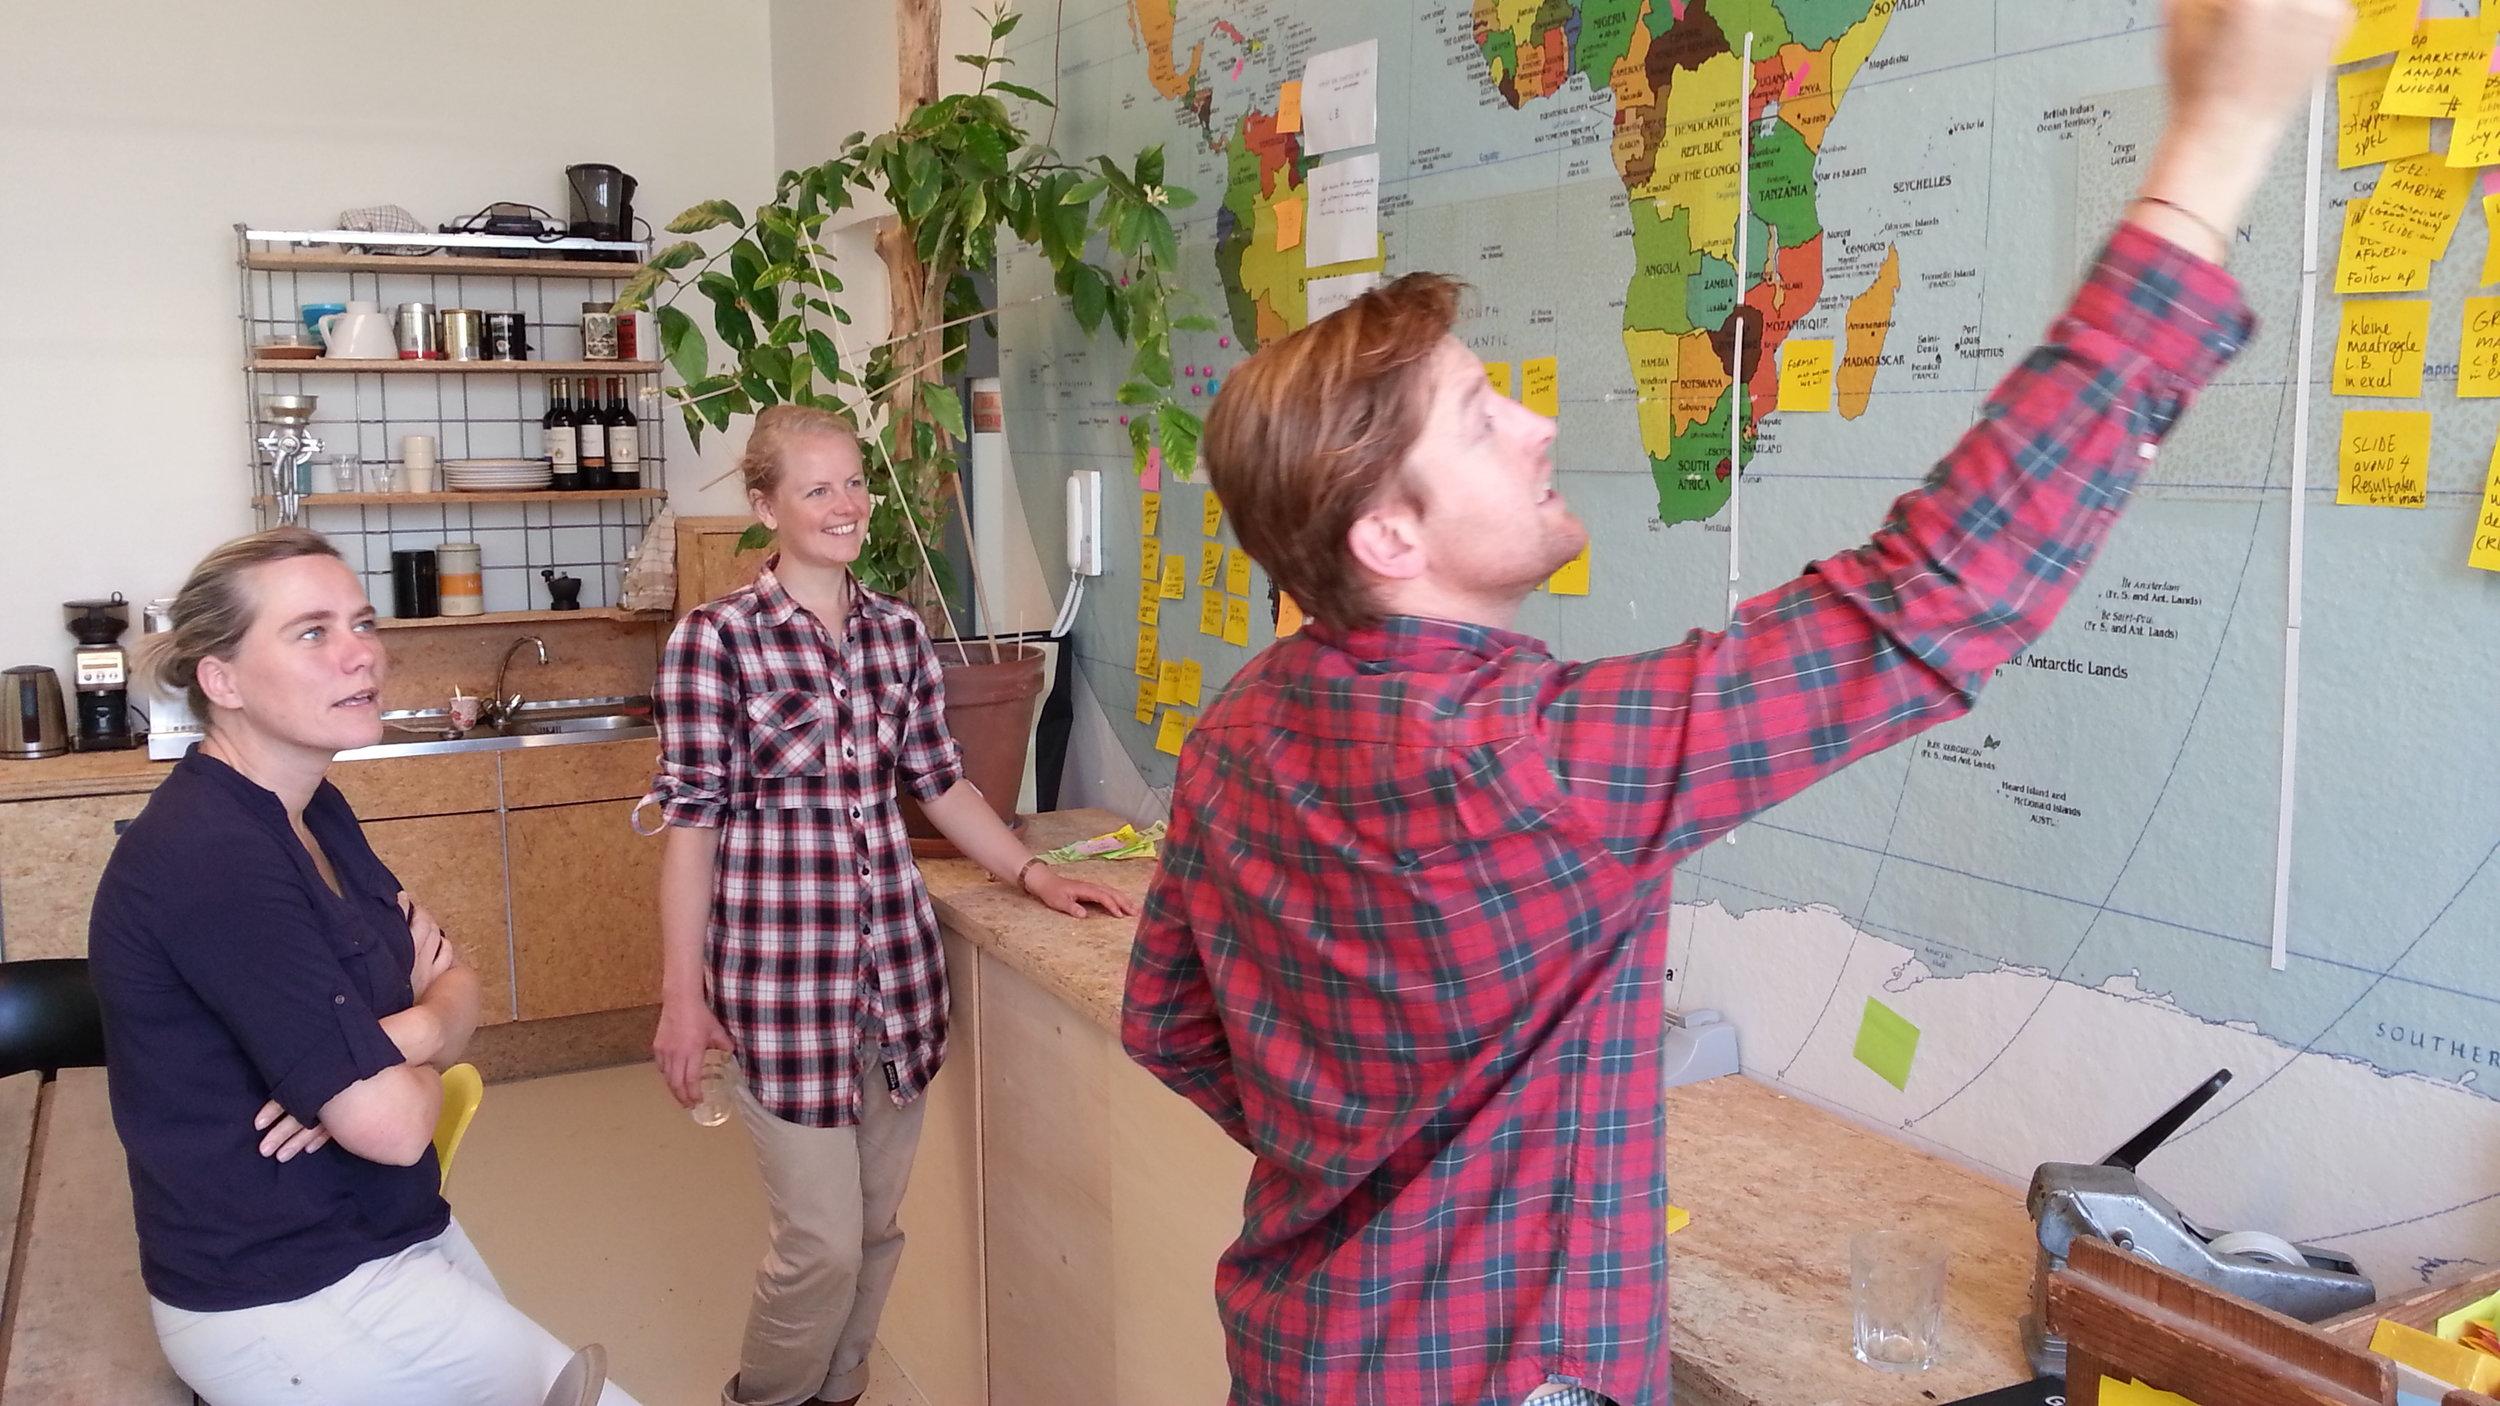 sprint met de Gemeente voor strategie lbuurtgebonden klimaat-aanpak